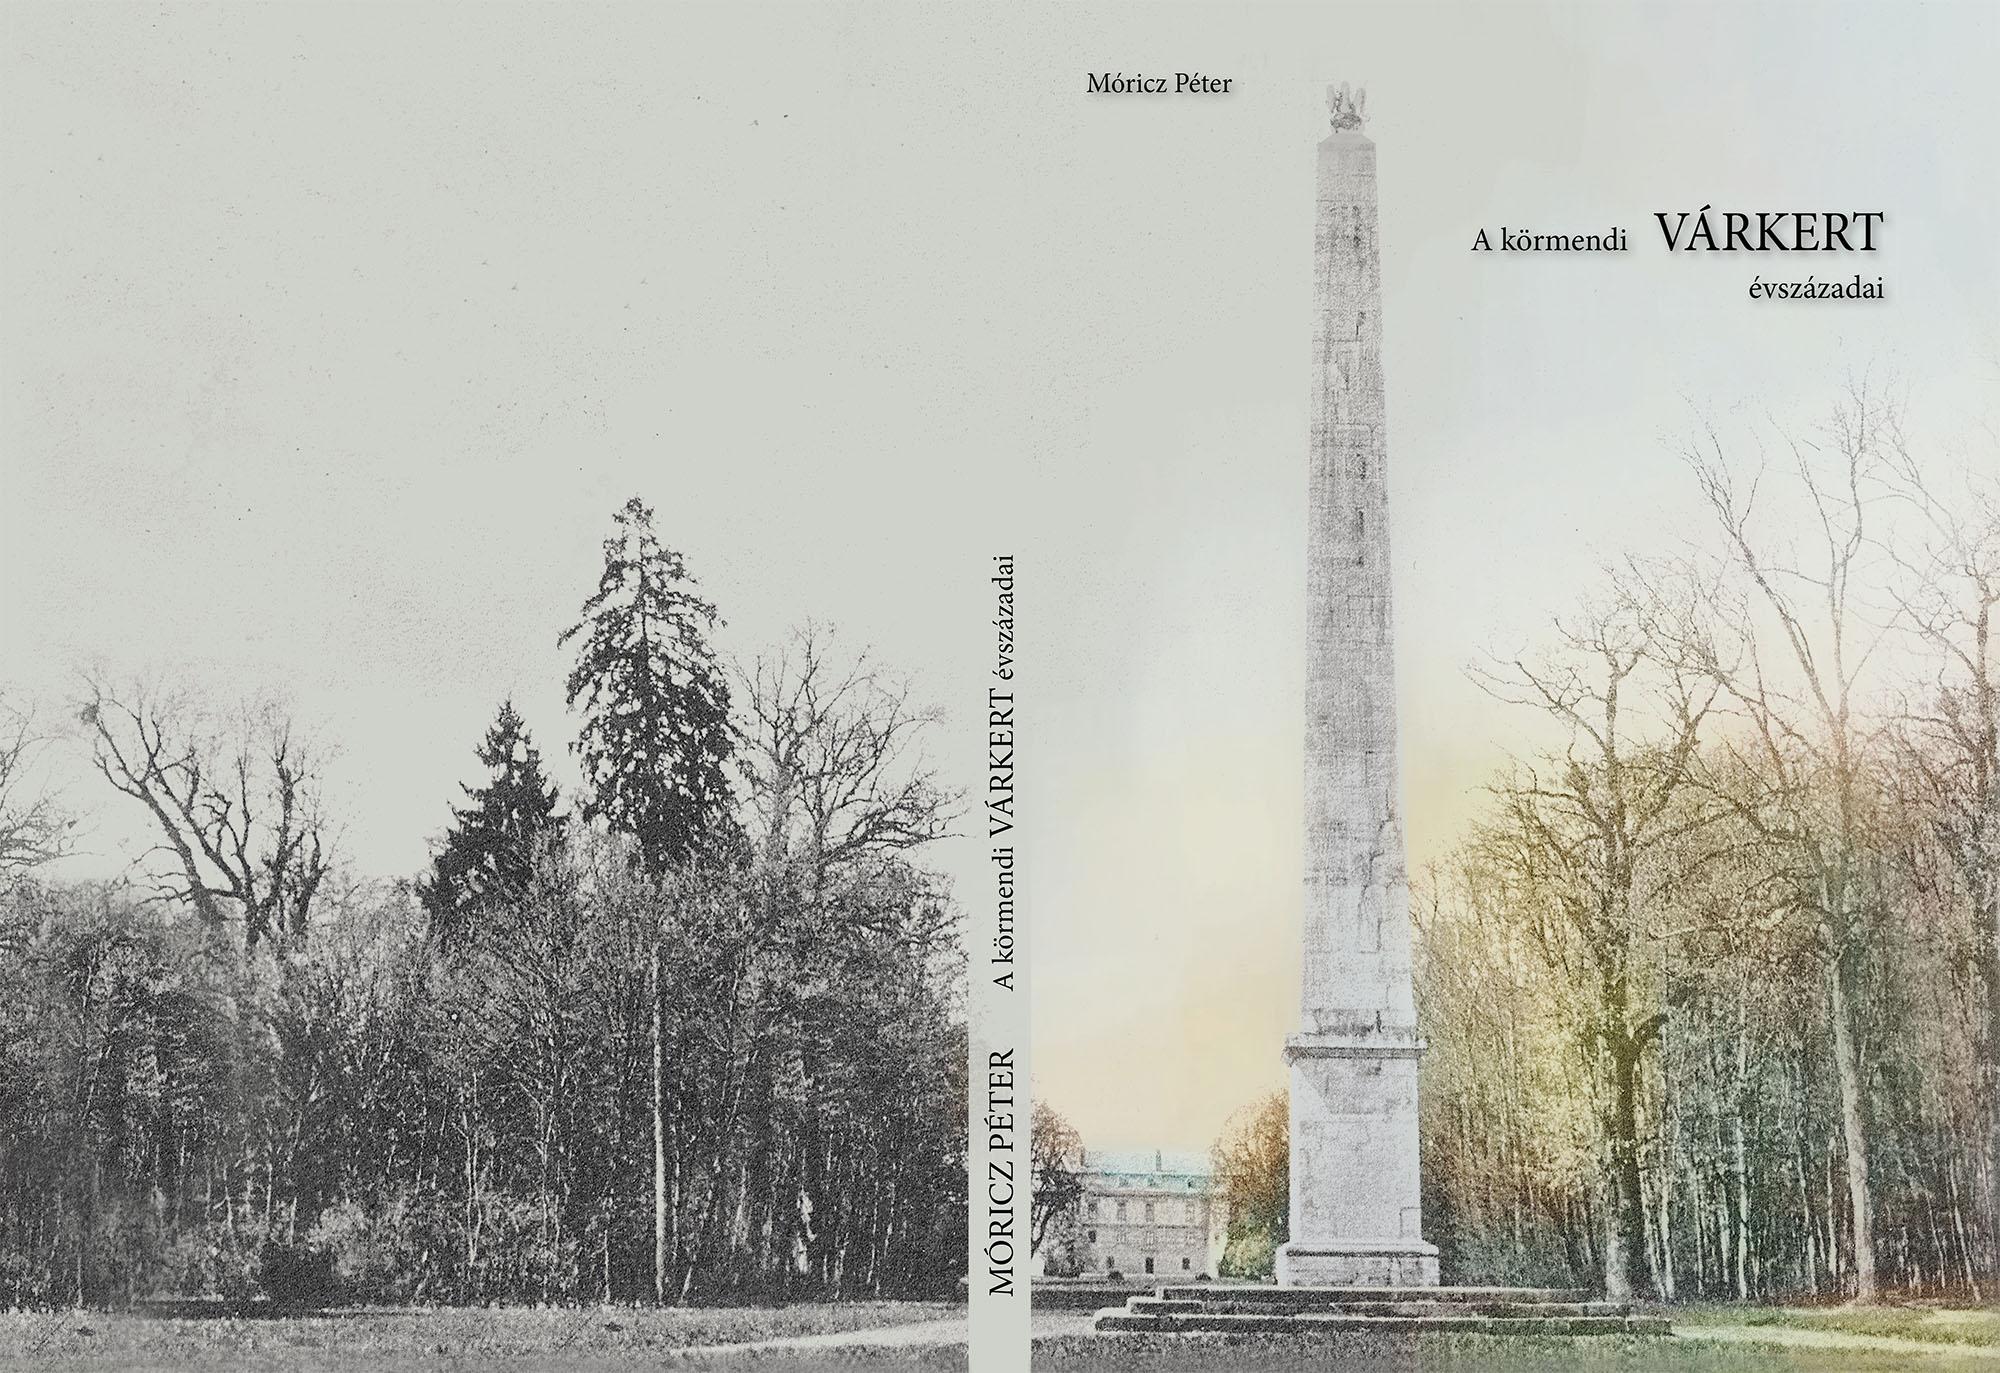 A körmendi Várkert évszázadai